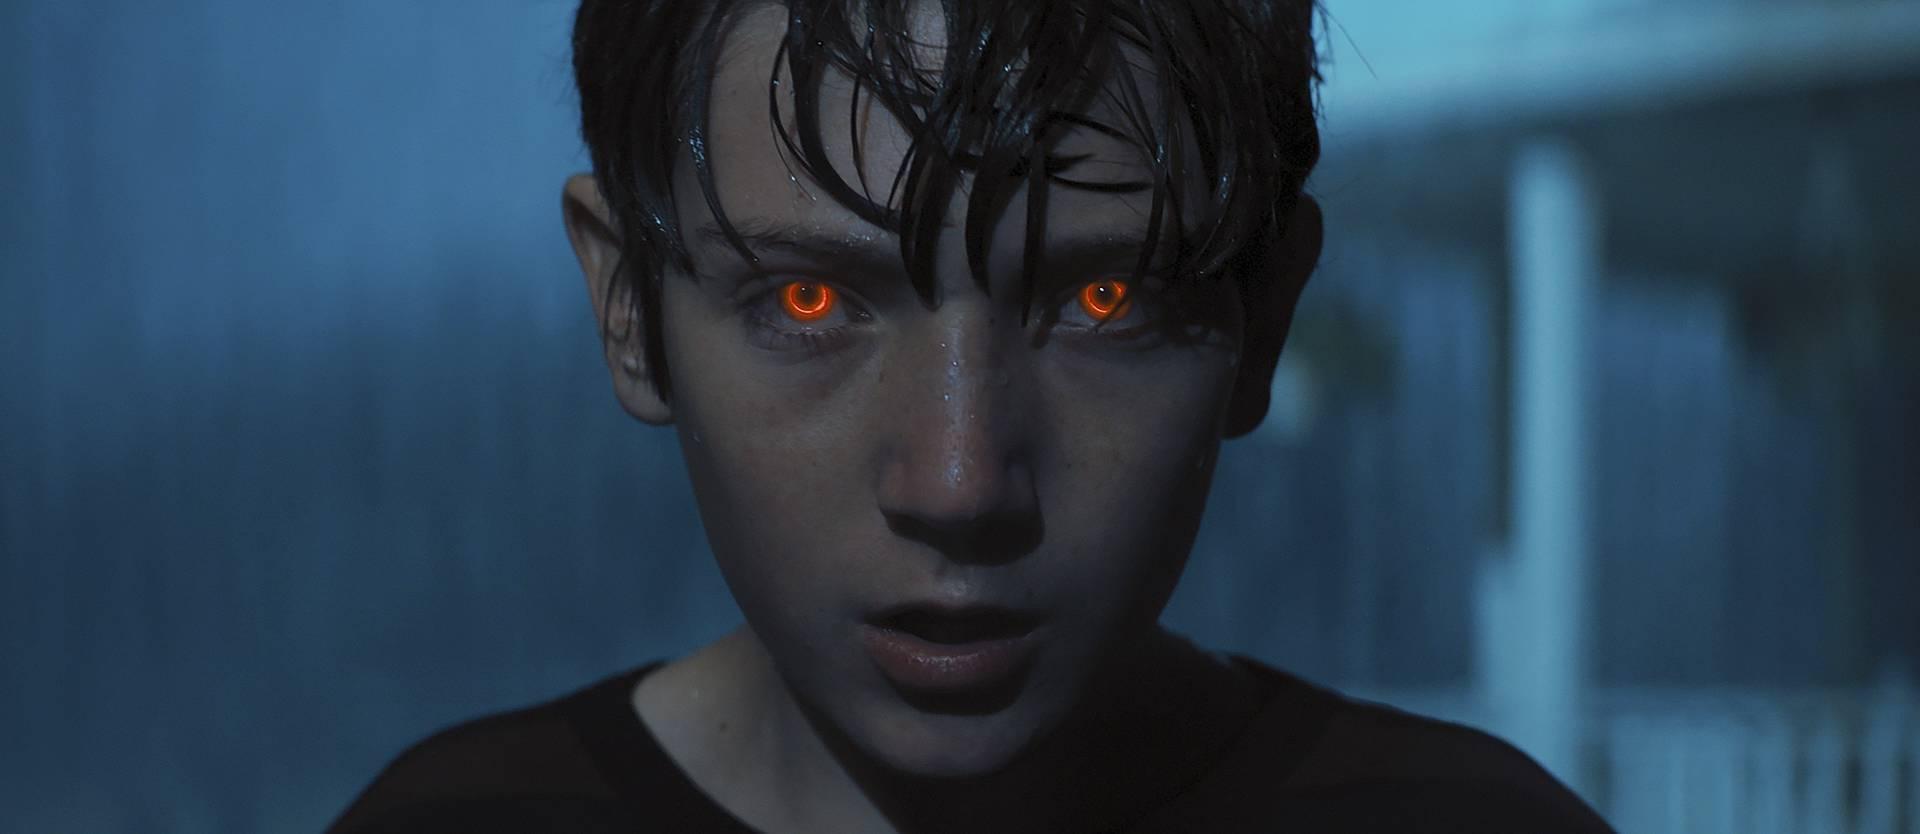 Antiheroj: Što kada dječak ima supermoći kojima zavlada zlo?